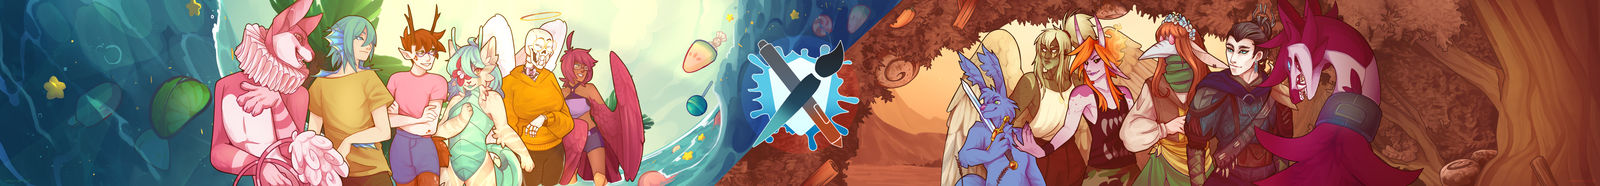 Art Fight 2020 Banner 1